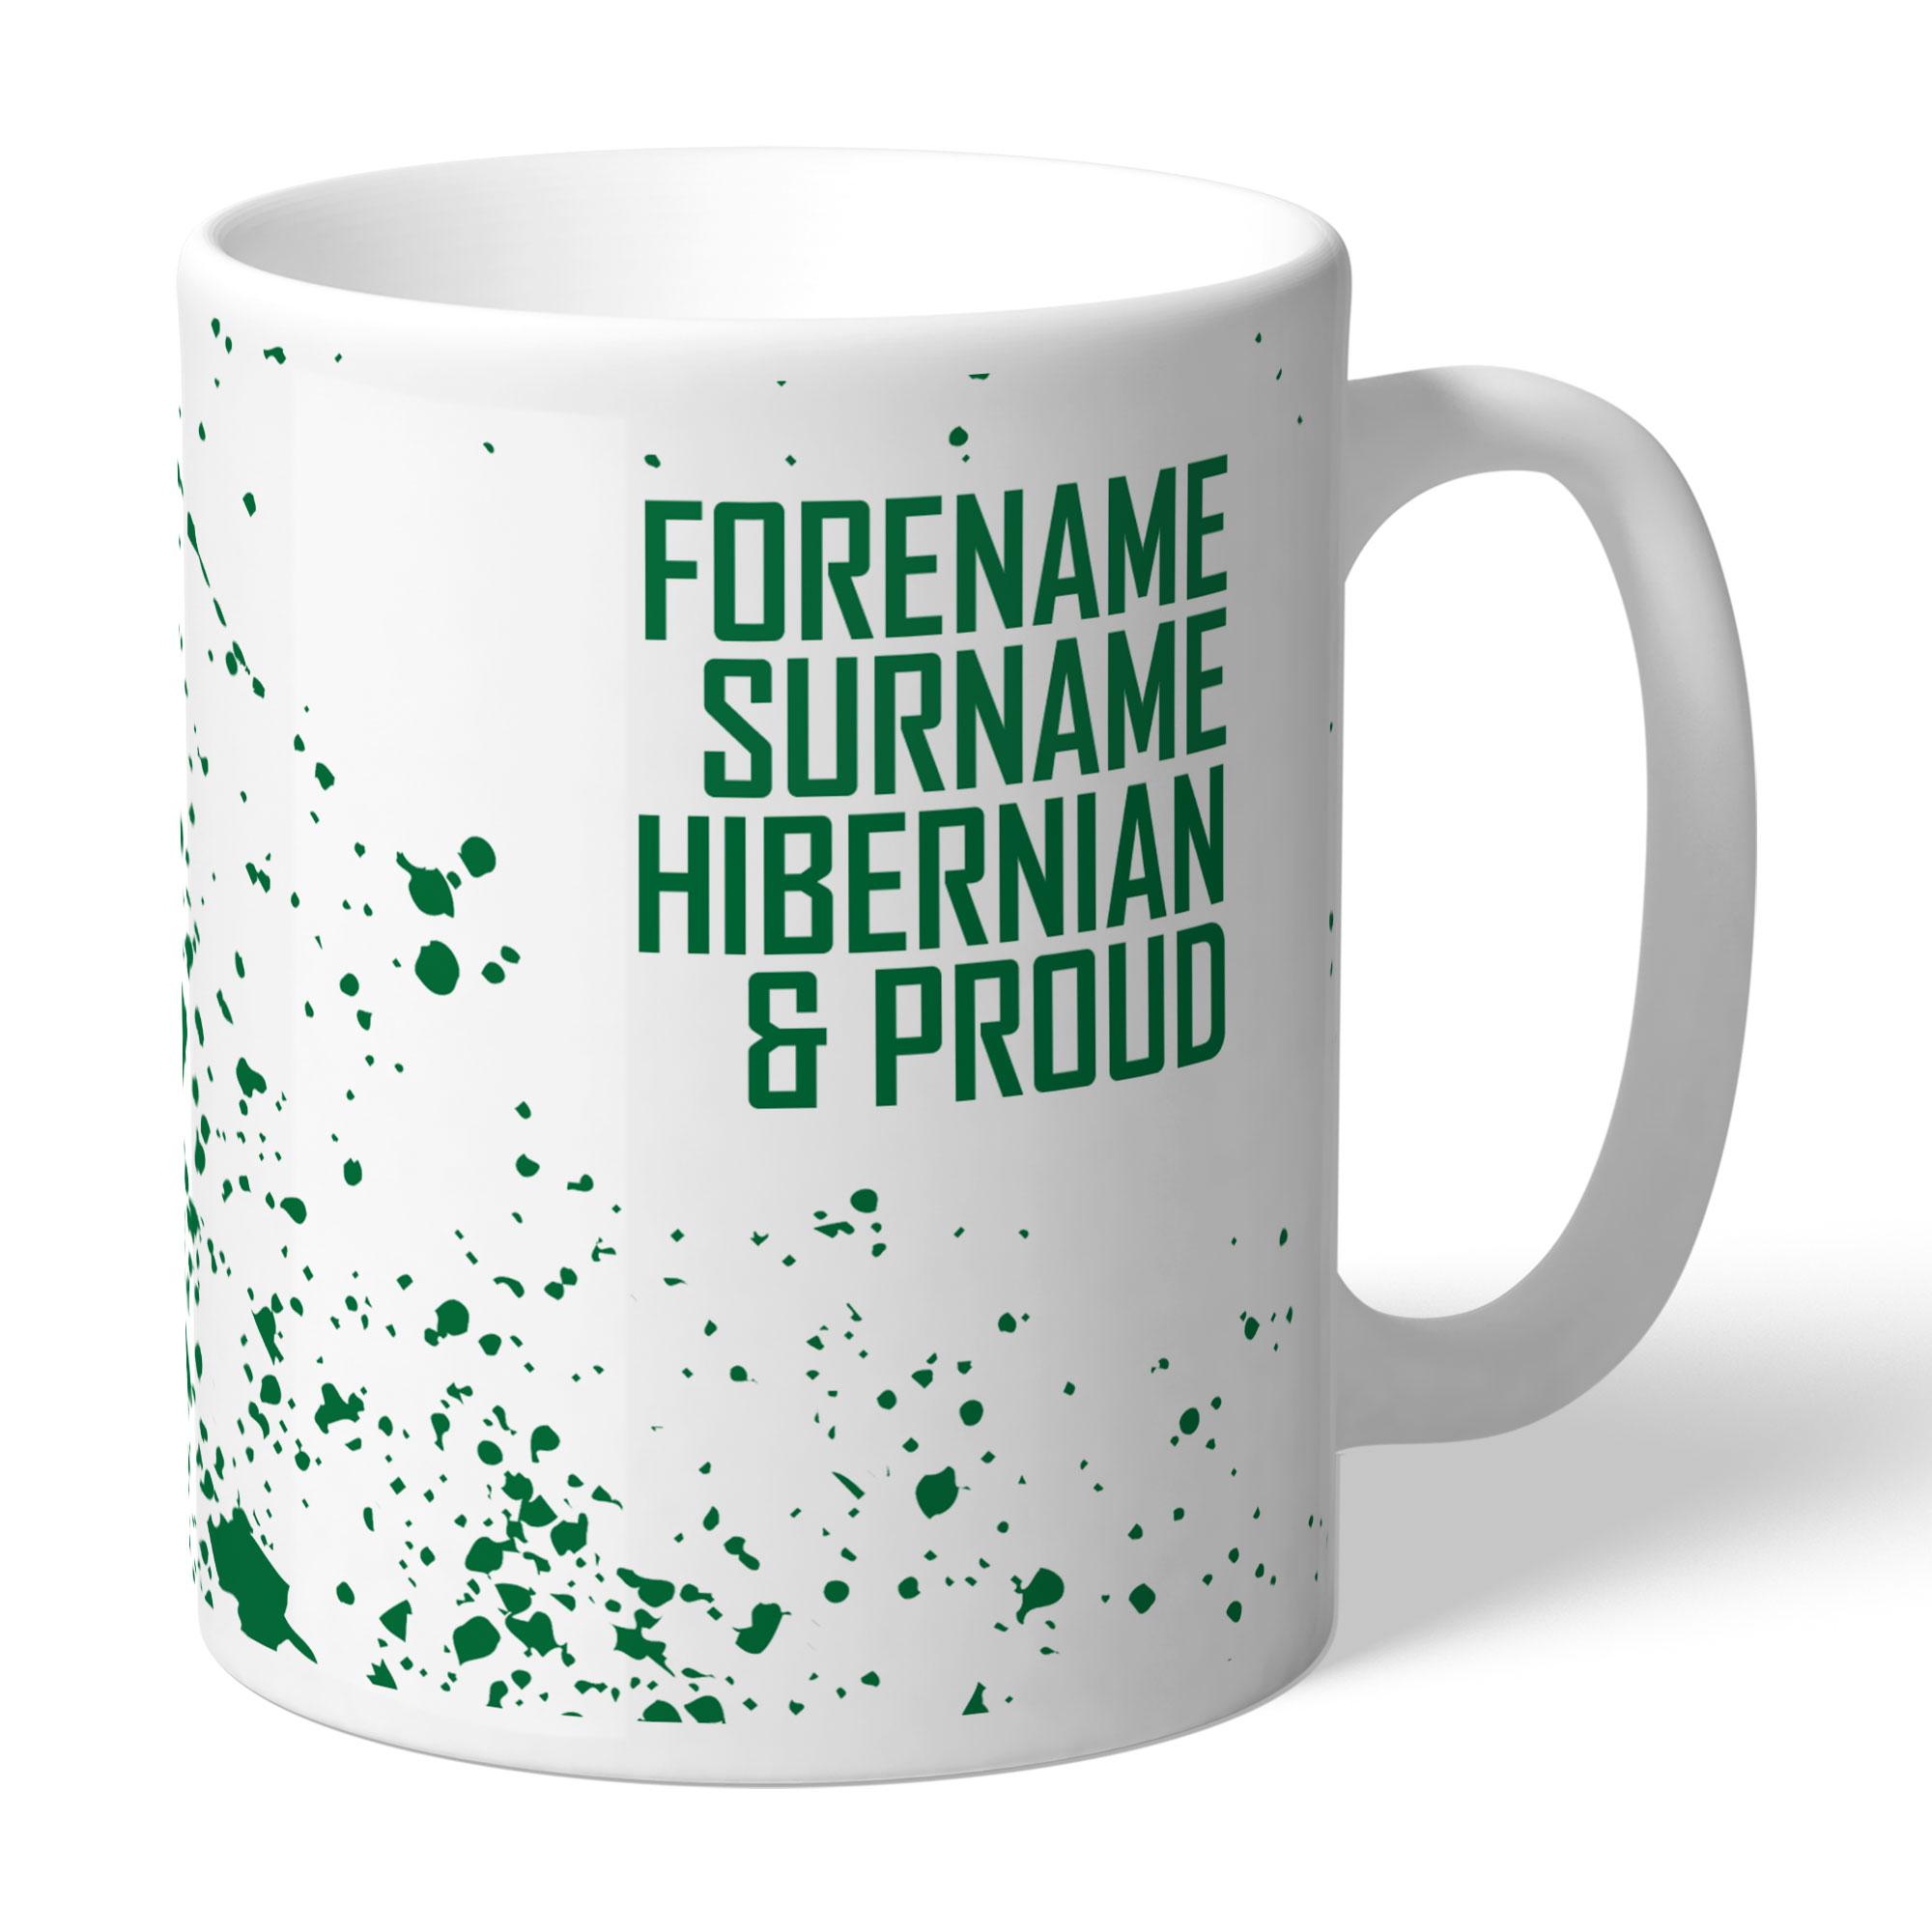 Hibernian FC Proud Mug